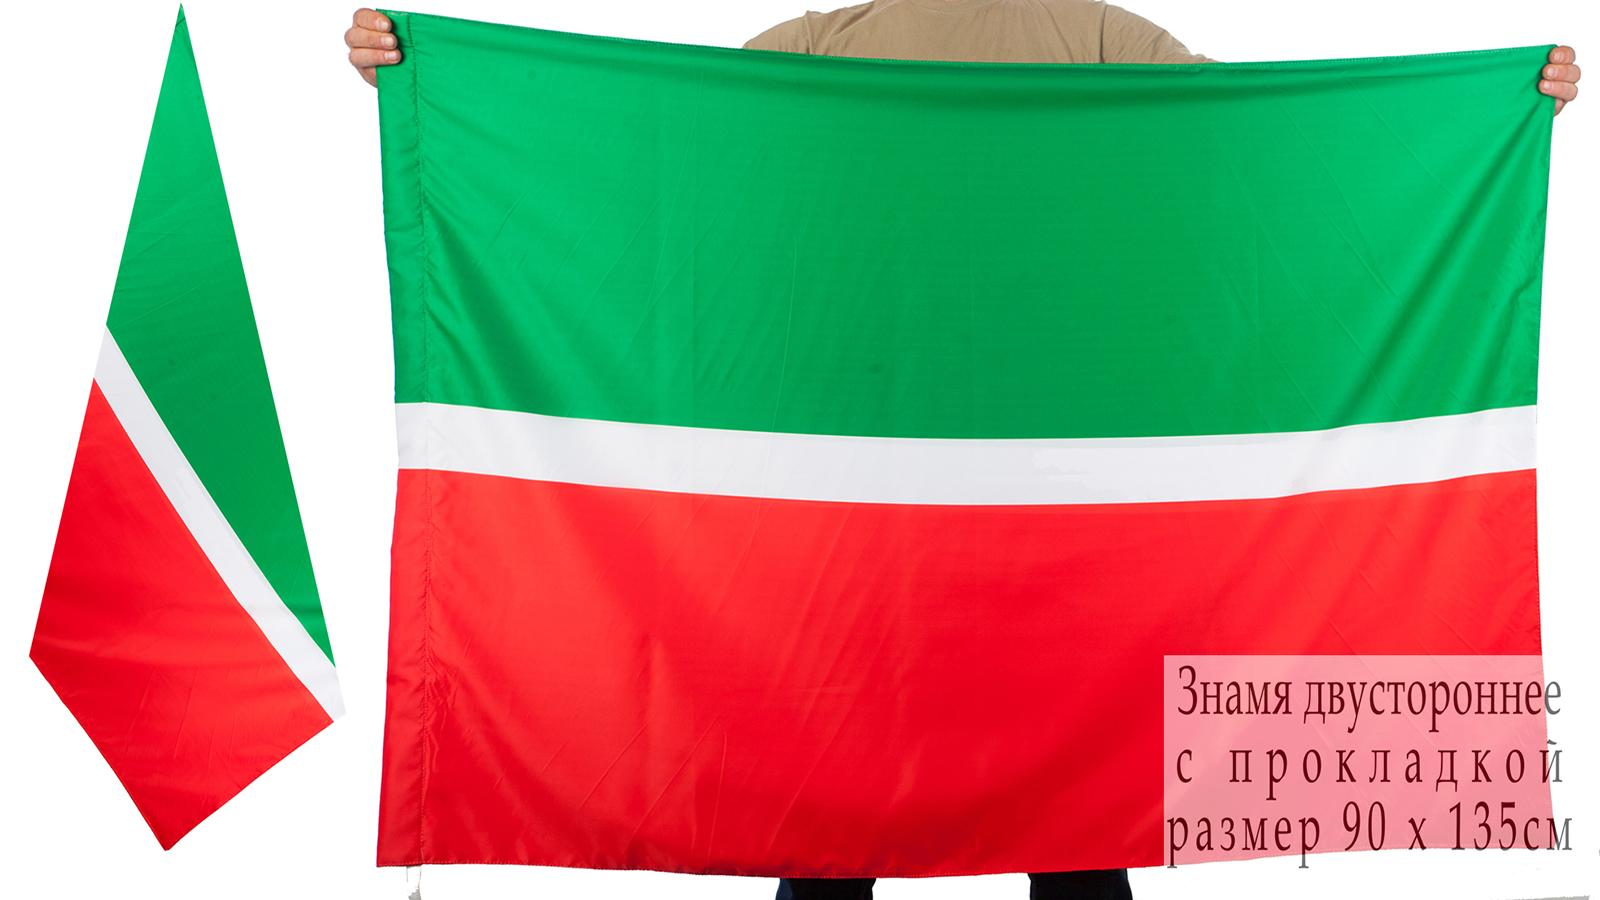 Двухсторонний флаг Республики Татарстан